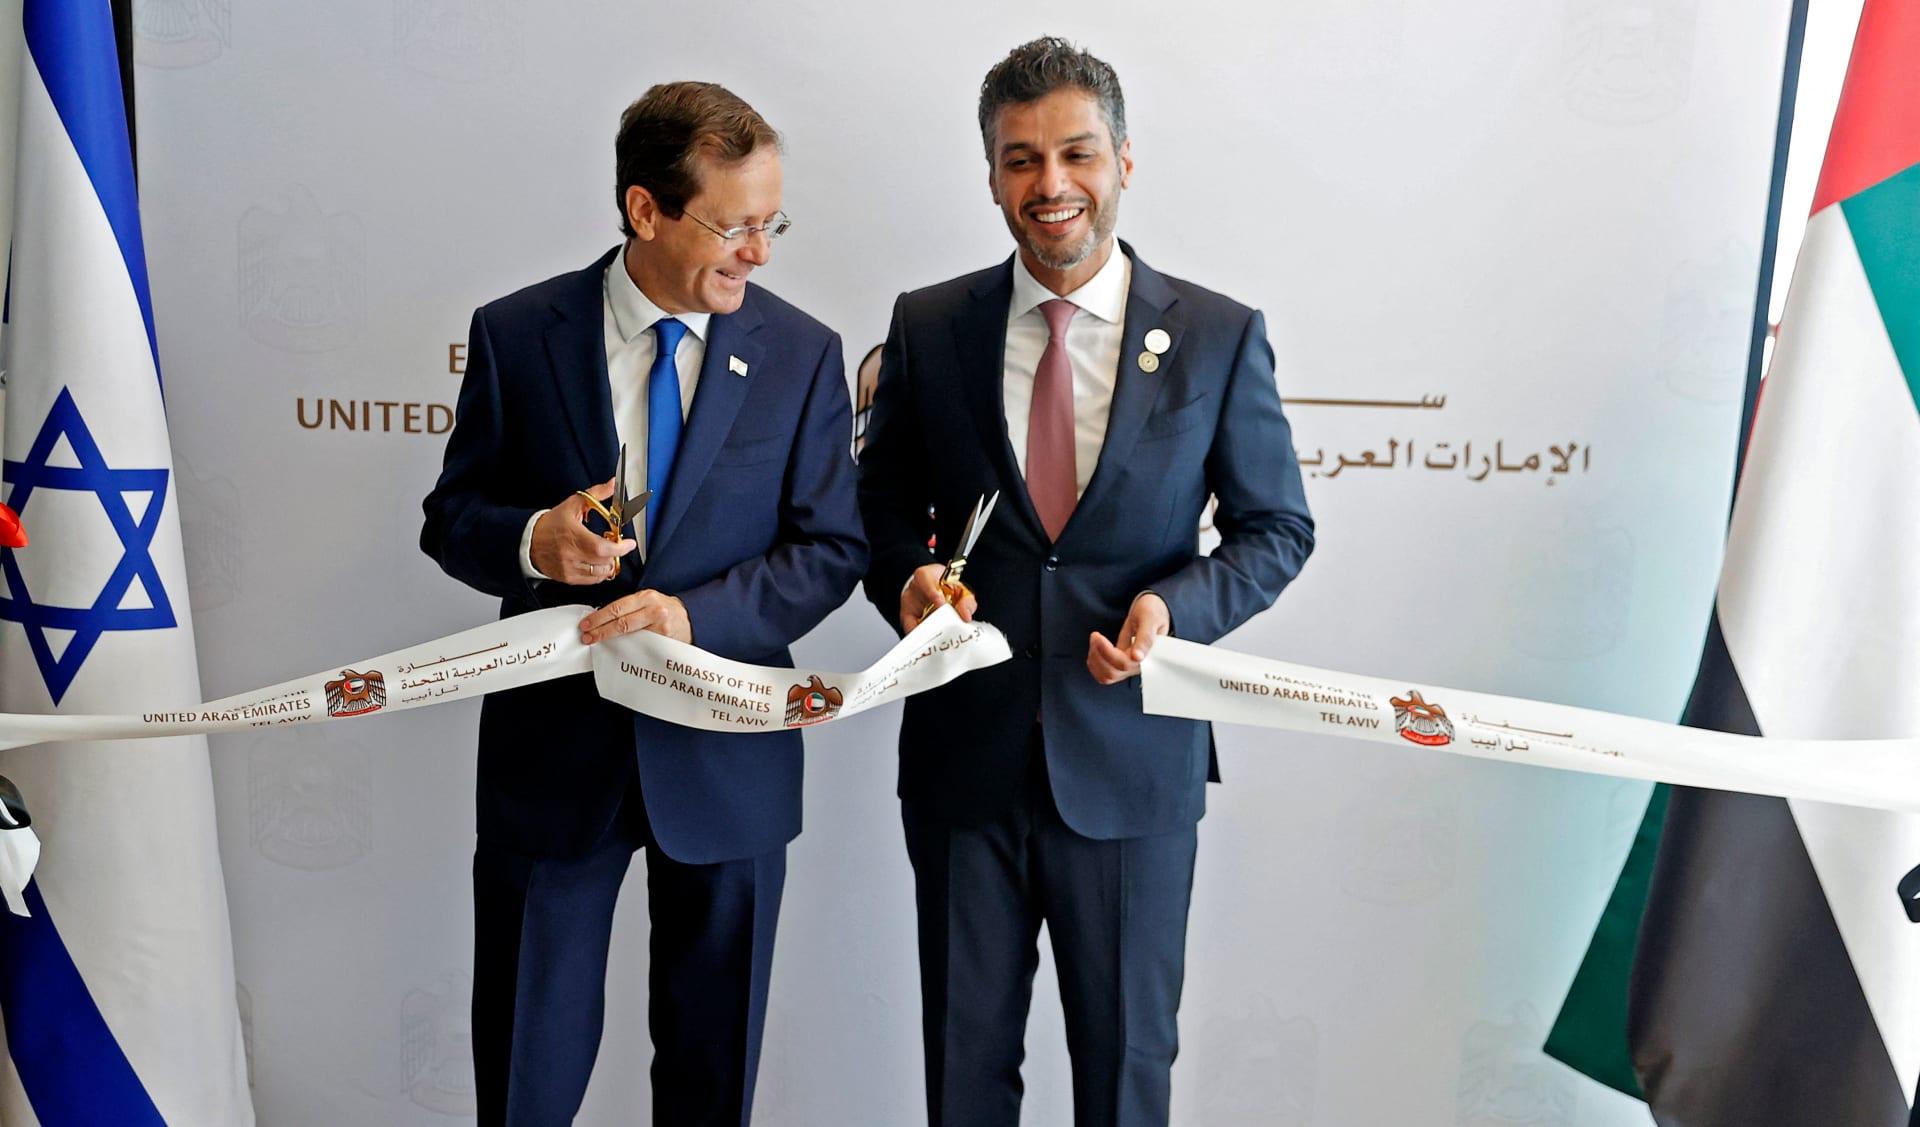 الإمارات تفتتح سفارتها في تل أبيب رسميًا.. وإسرائيل: مسمار آخر في نعش إيران